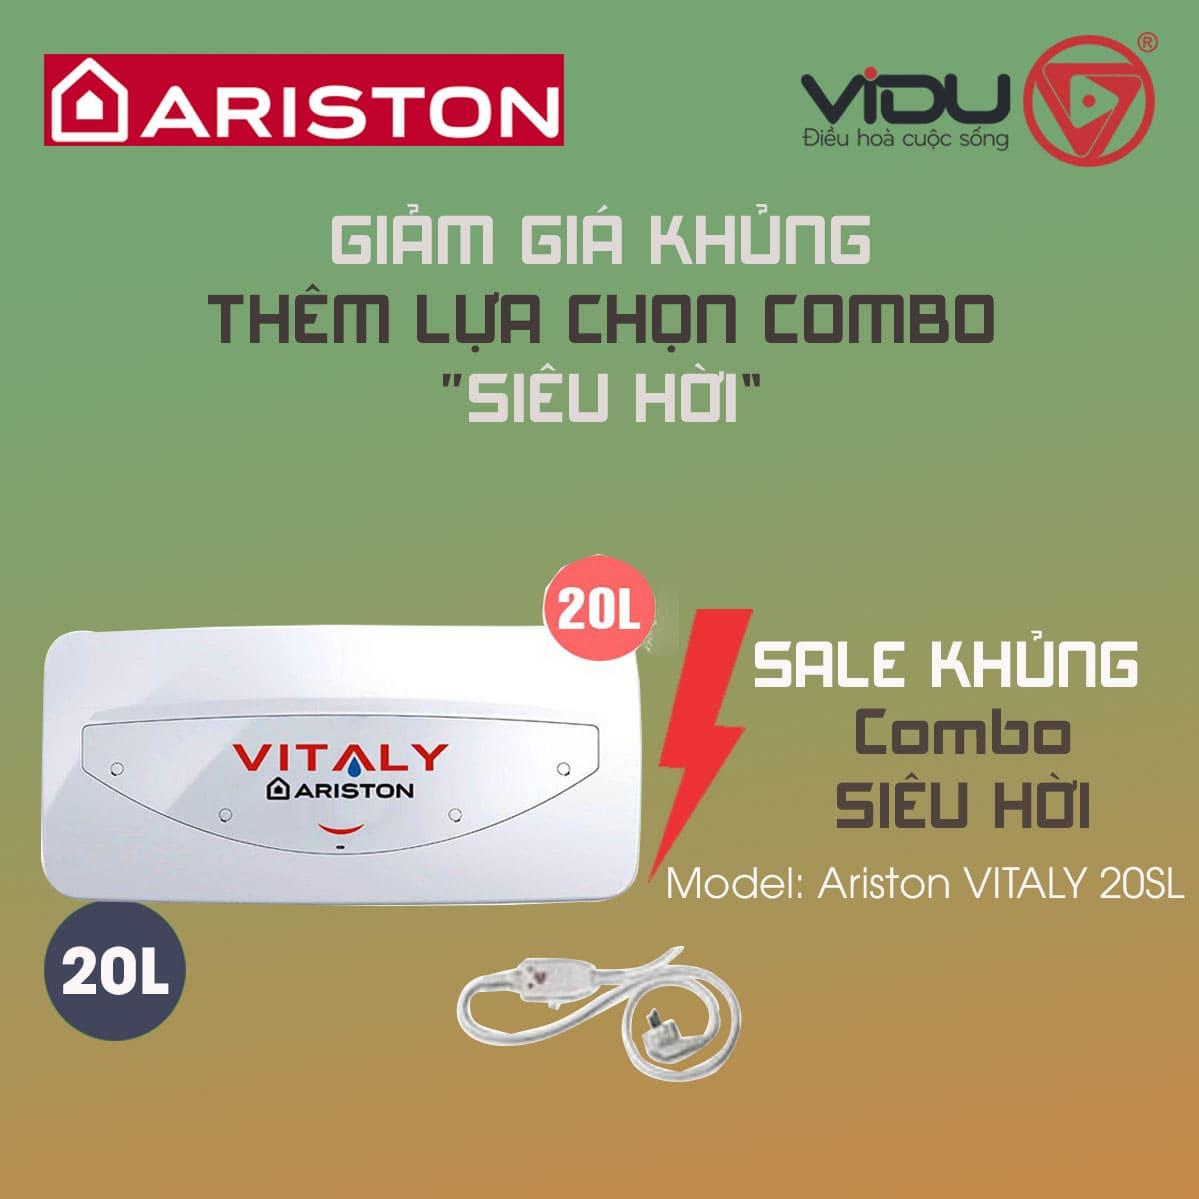 Bình nóng lạnh Ariston chống giật VITALY 20SL 20 lít